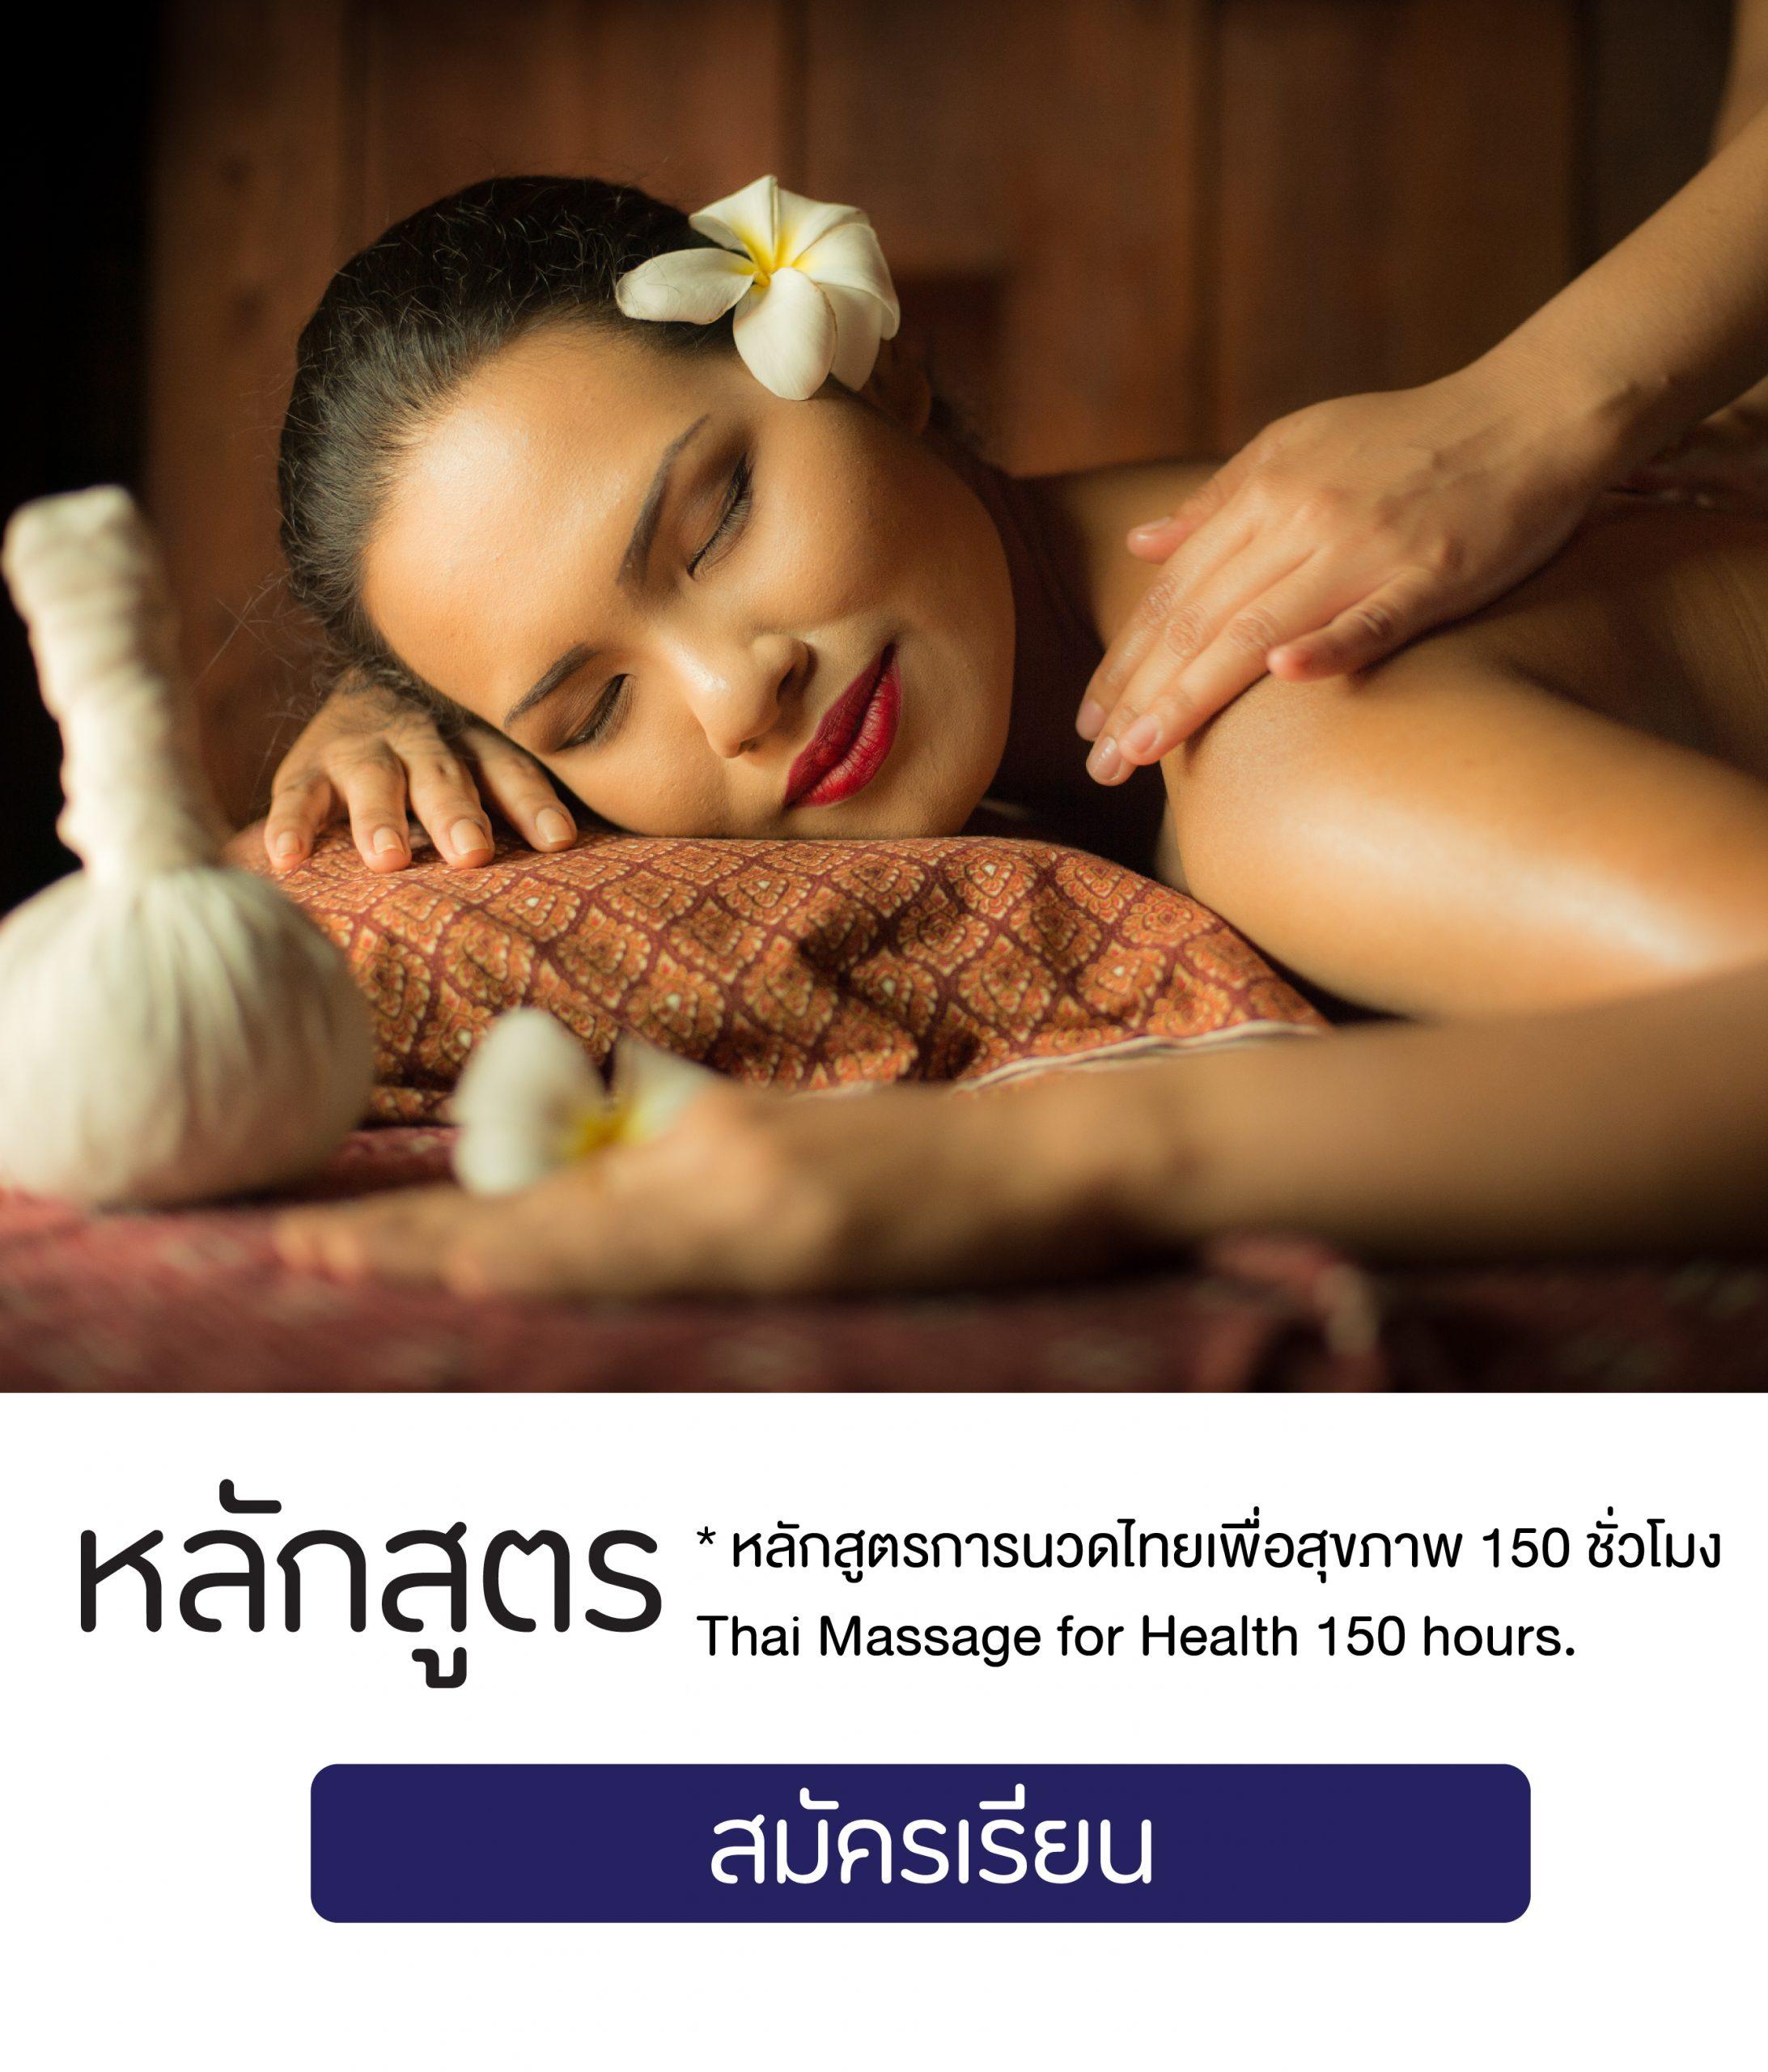 หลักสูตรการนวดไทยเพื่อสุขภาพ-150-ชั่วโมง-Thai-Massage-for-Health-150-hours-01-scaled